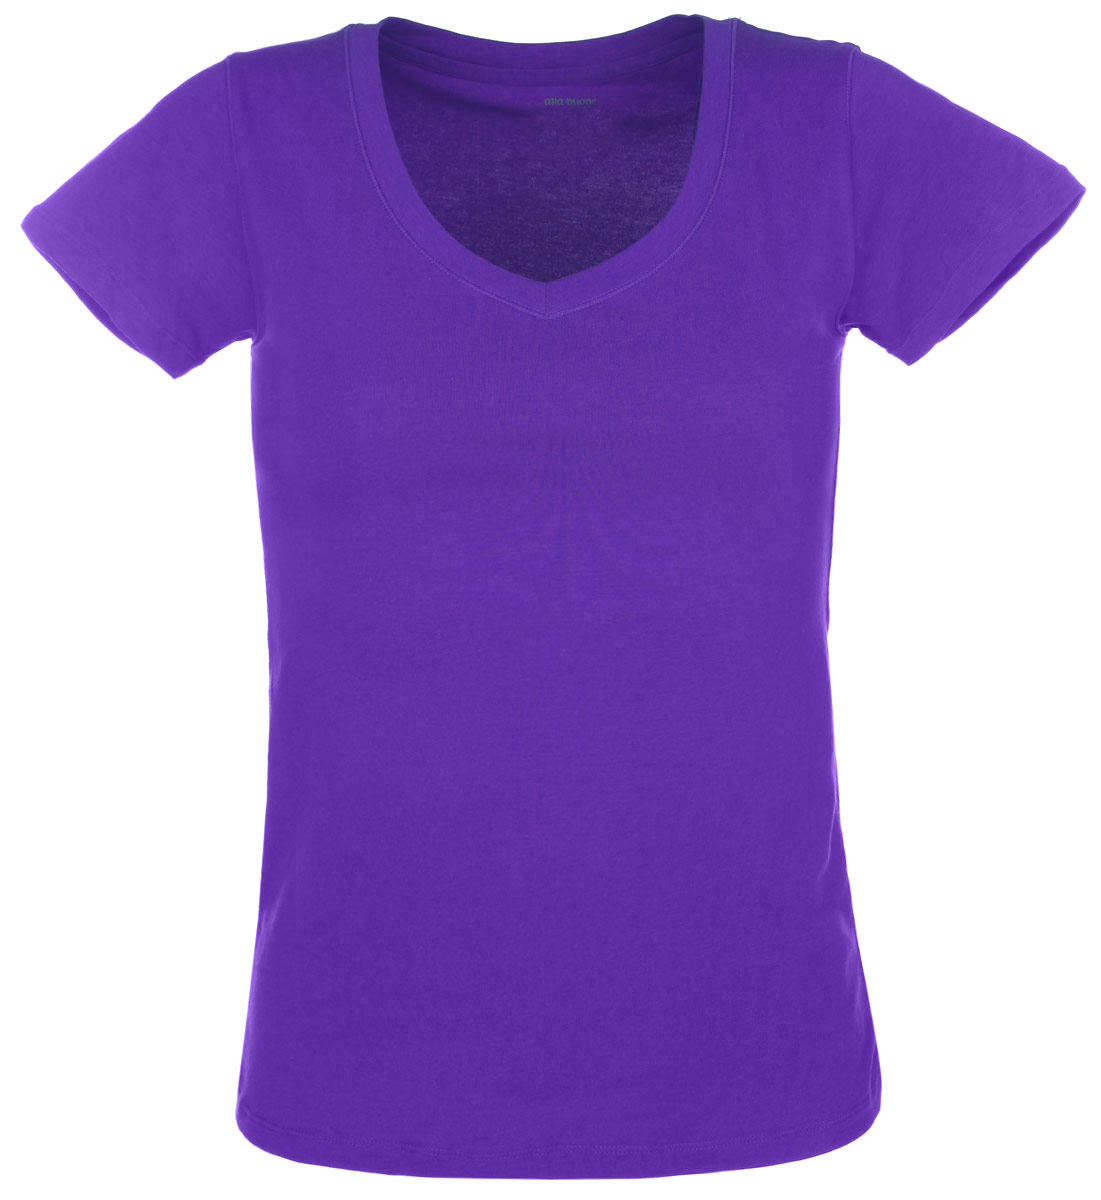 Футболка женская Alla Buone Liscio, цвет: фиолетовый. 7047. Размер L (46/48)7047Женская футболка Alla Buone Liscio, выполненная из эластичного хлопка, идеально подойдет для повседневной носки. Материал изделия мягкий, тактильно приятный, не сковывает движения и позволяет коже дышать.Футболка с V-образным вырезом горловины и короткими рукавами имеет слегка приталенный силуэт. Вырез горловины оформлен мягкой окантовочной лентой. Изделие дополнено фирменным логотипом, вшитым в боковой шов.Такая модель будет дарить вам комфорт в течение всего дня и станет отличным дополнением к вашему гардеробу.